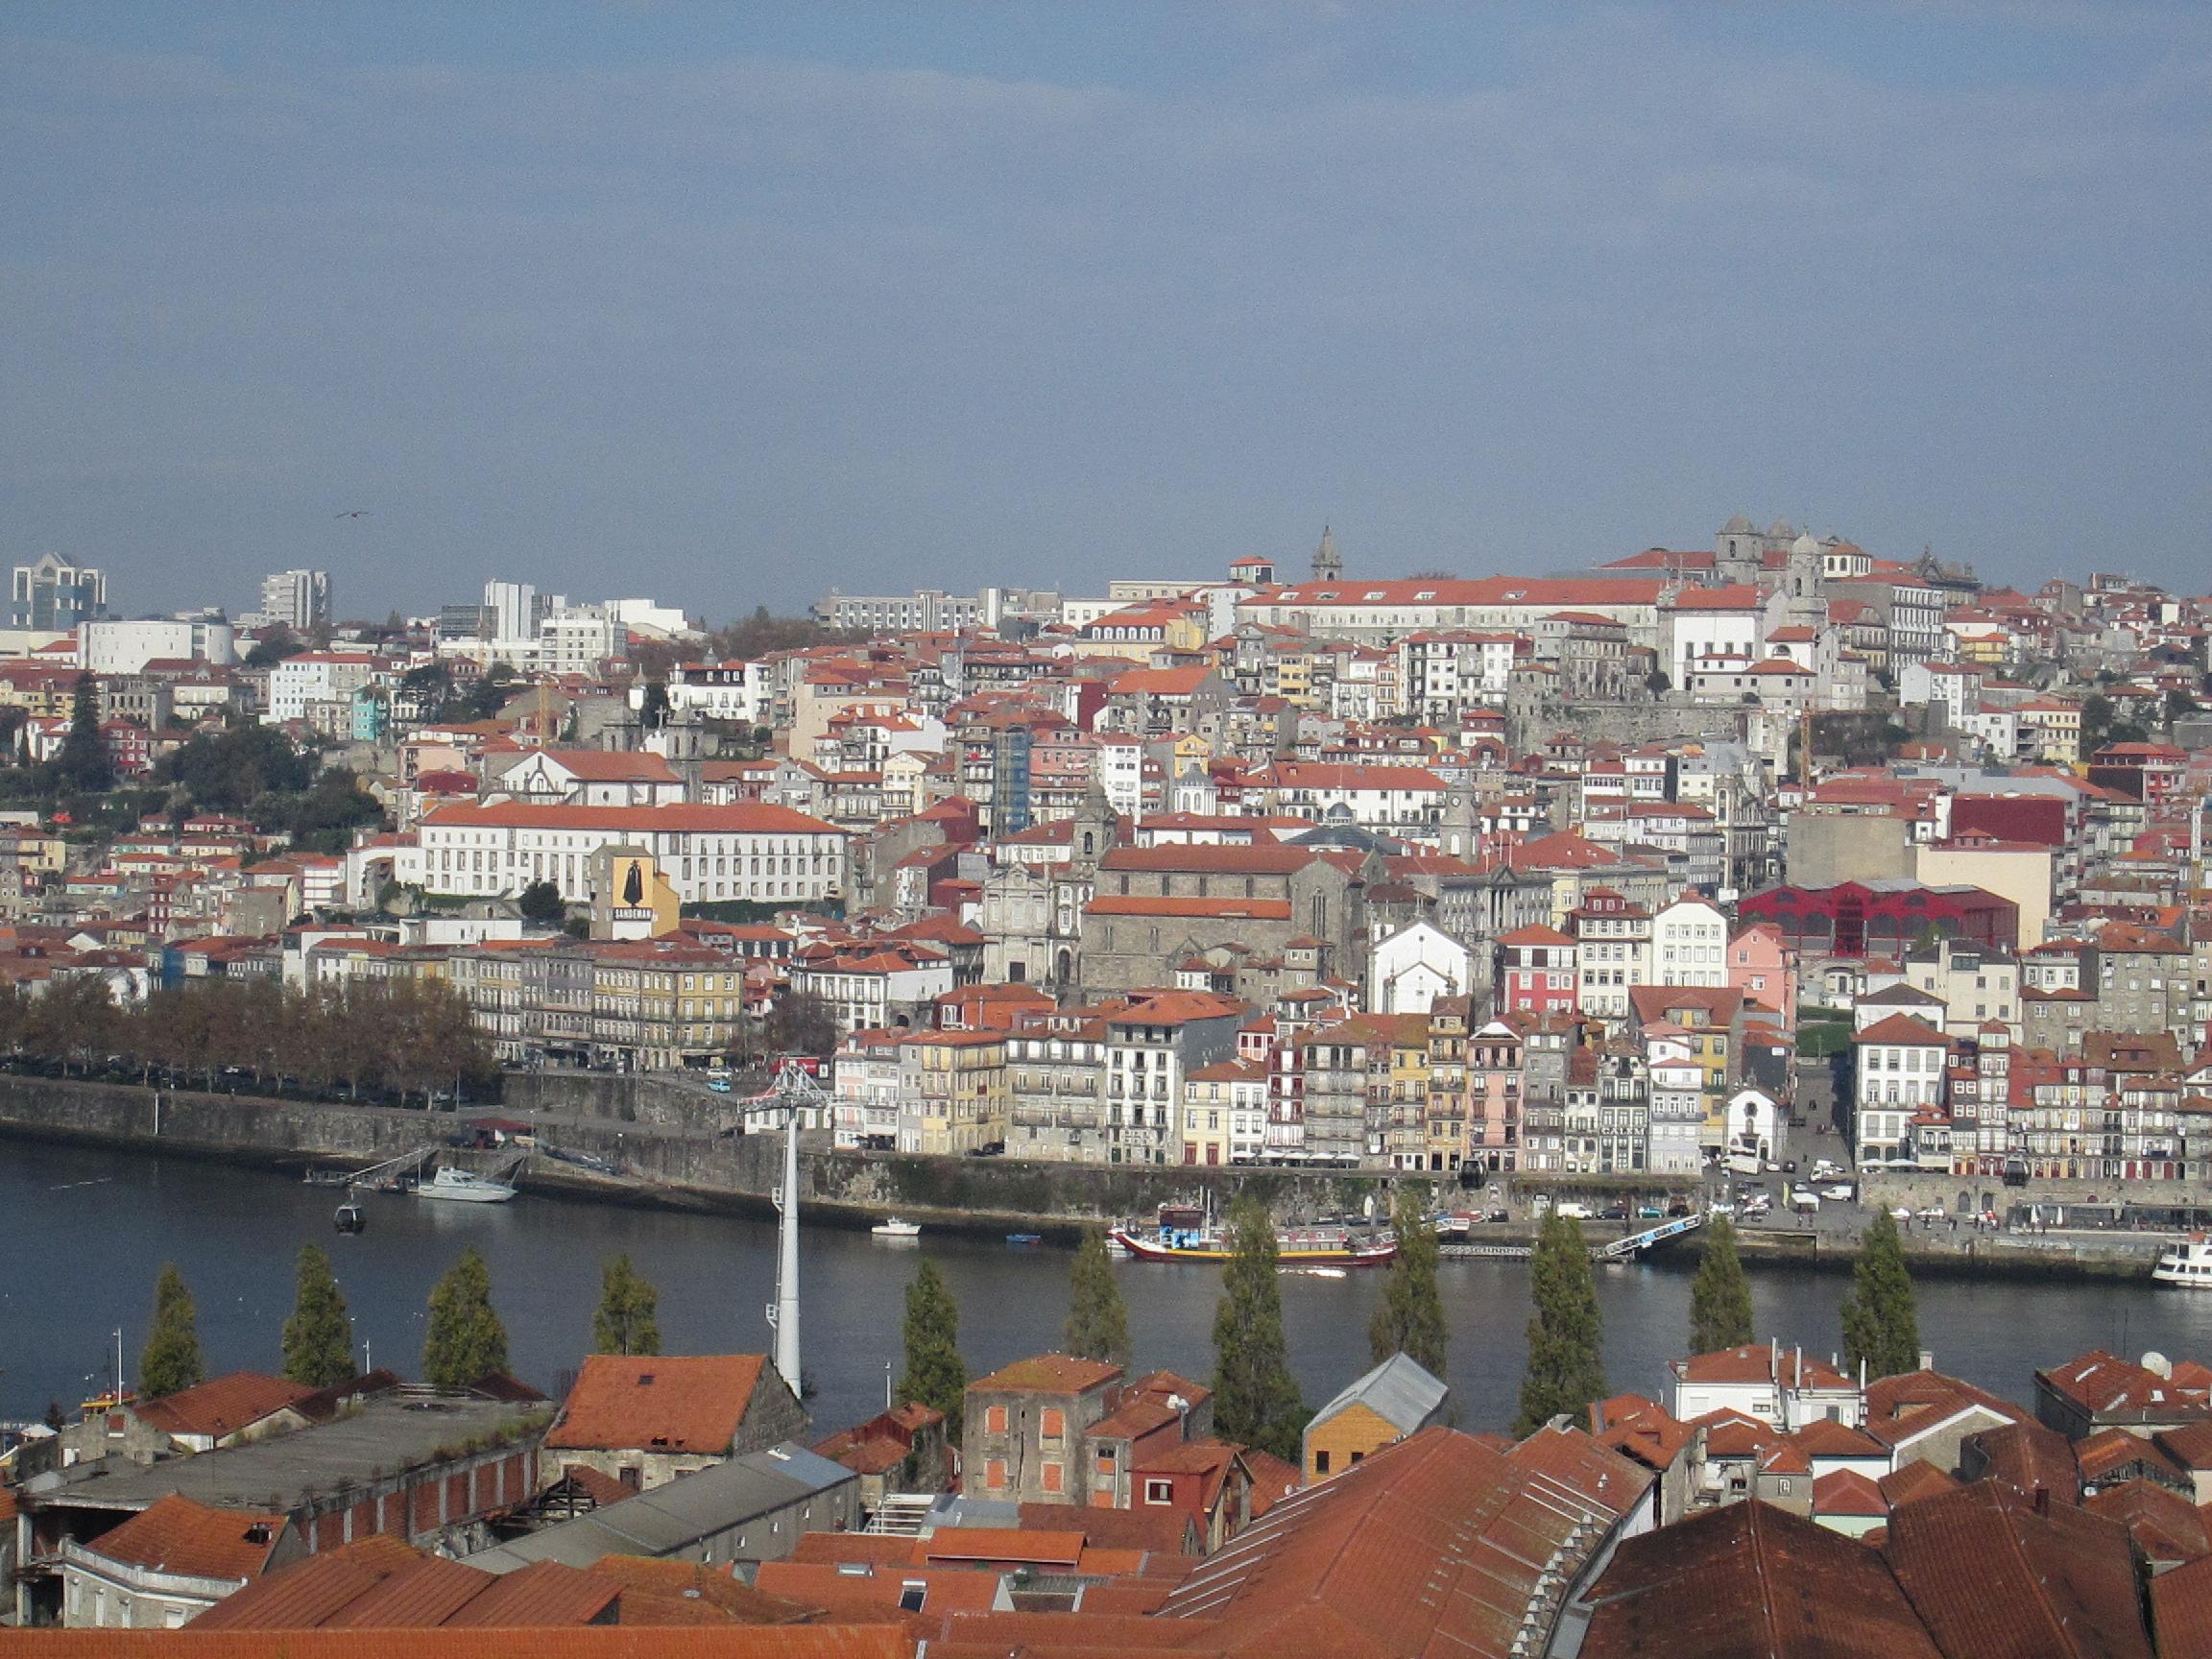 Vue sur le Douro et le centre historique de Porto depuis une chambre duYeatman. Photo MS.